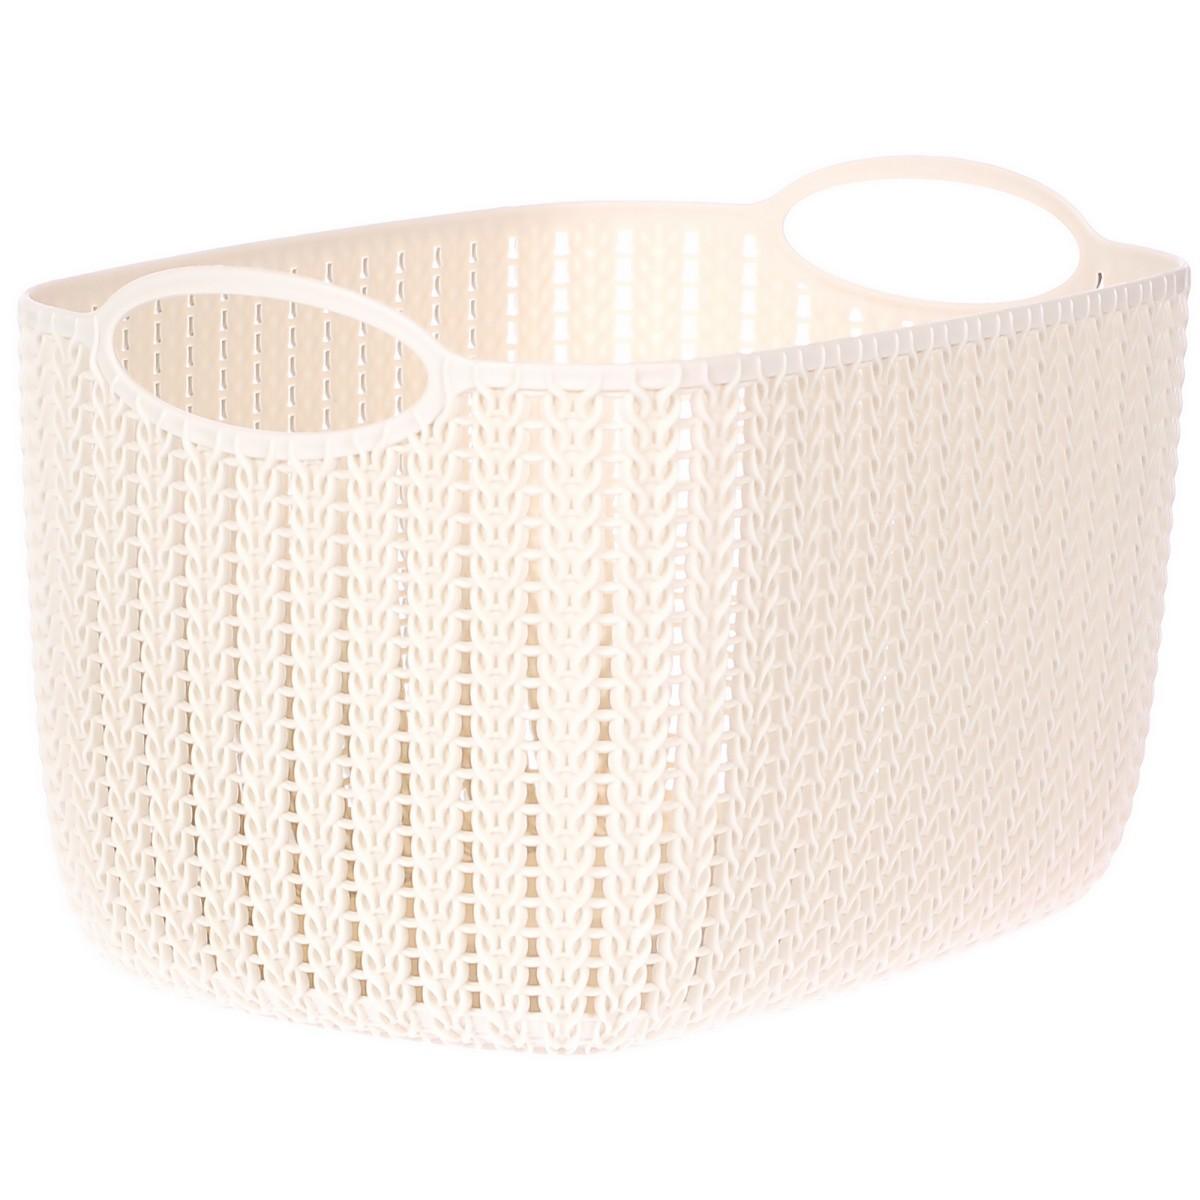 Корзина для хранения Вязание 4 л цвет белый